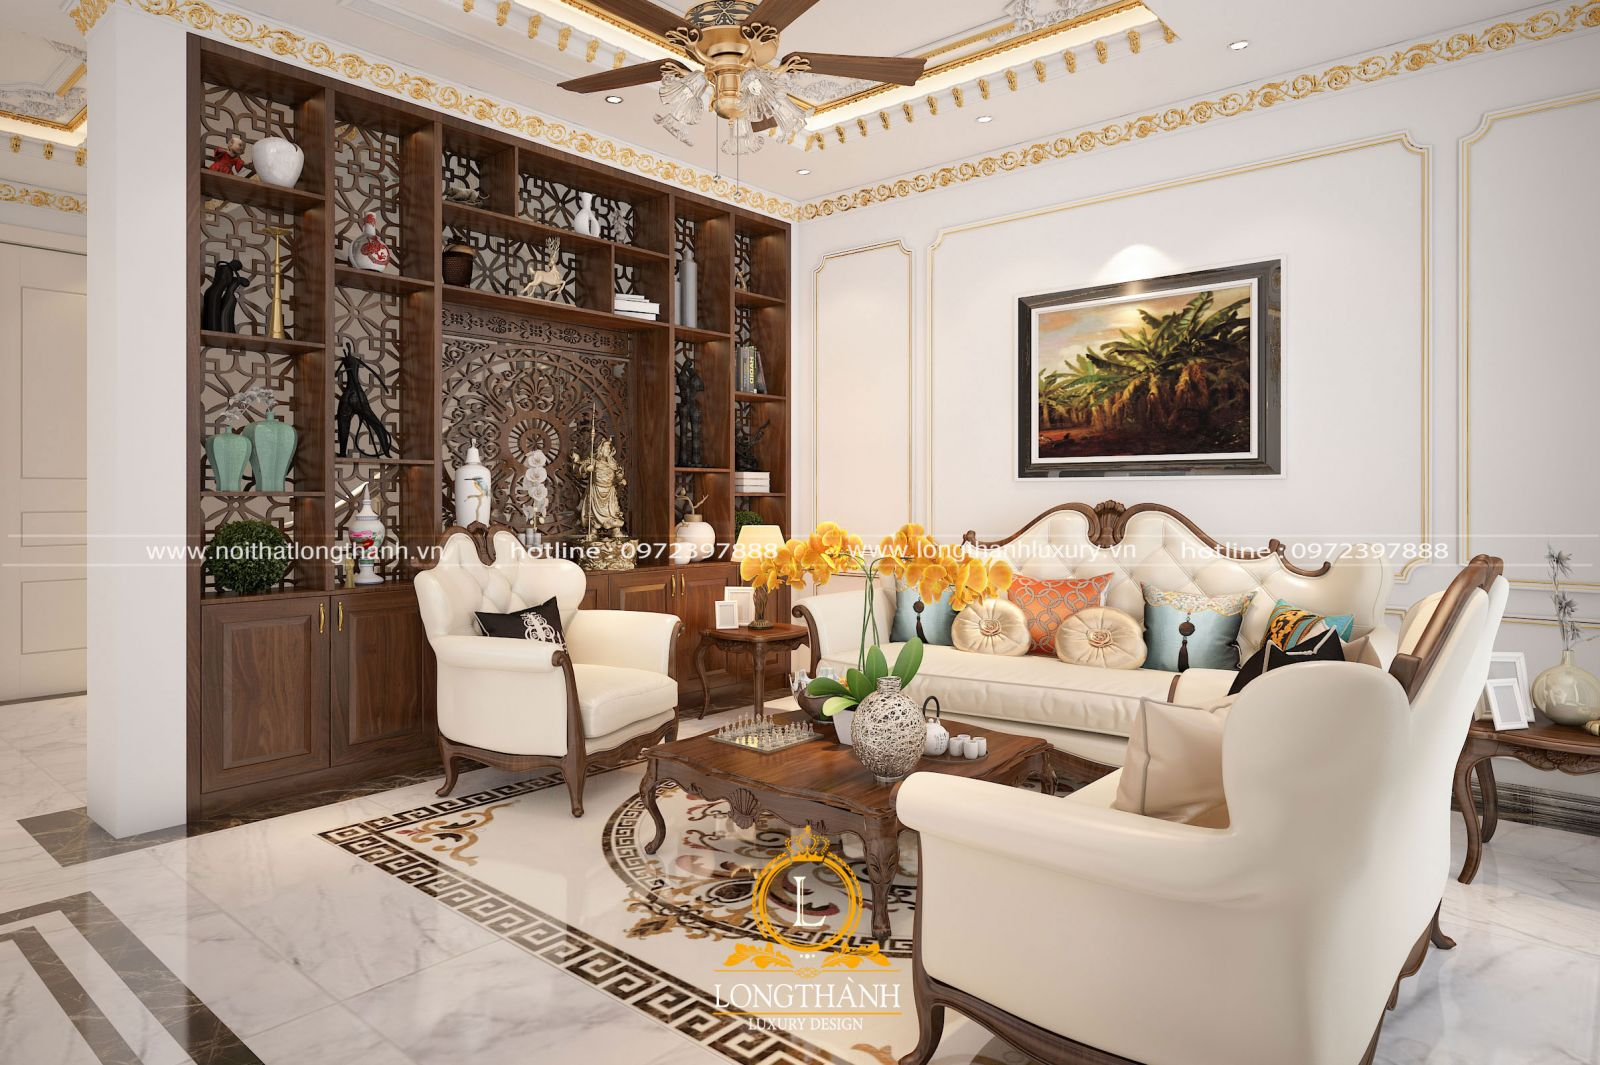 Tủ trưng bày tân cổ điển cho phòng khách